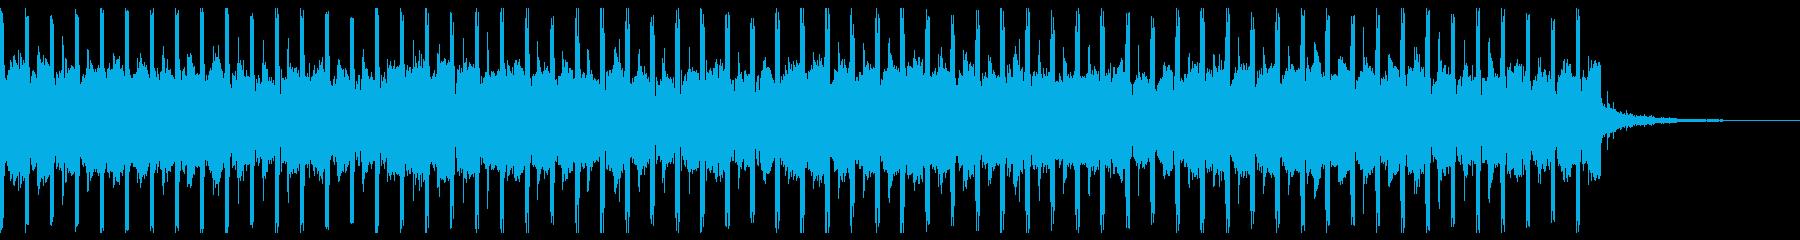 コマーシャル(短)の再生済みの波形